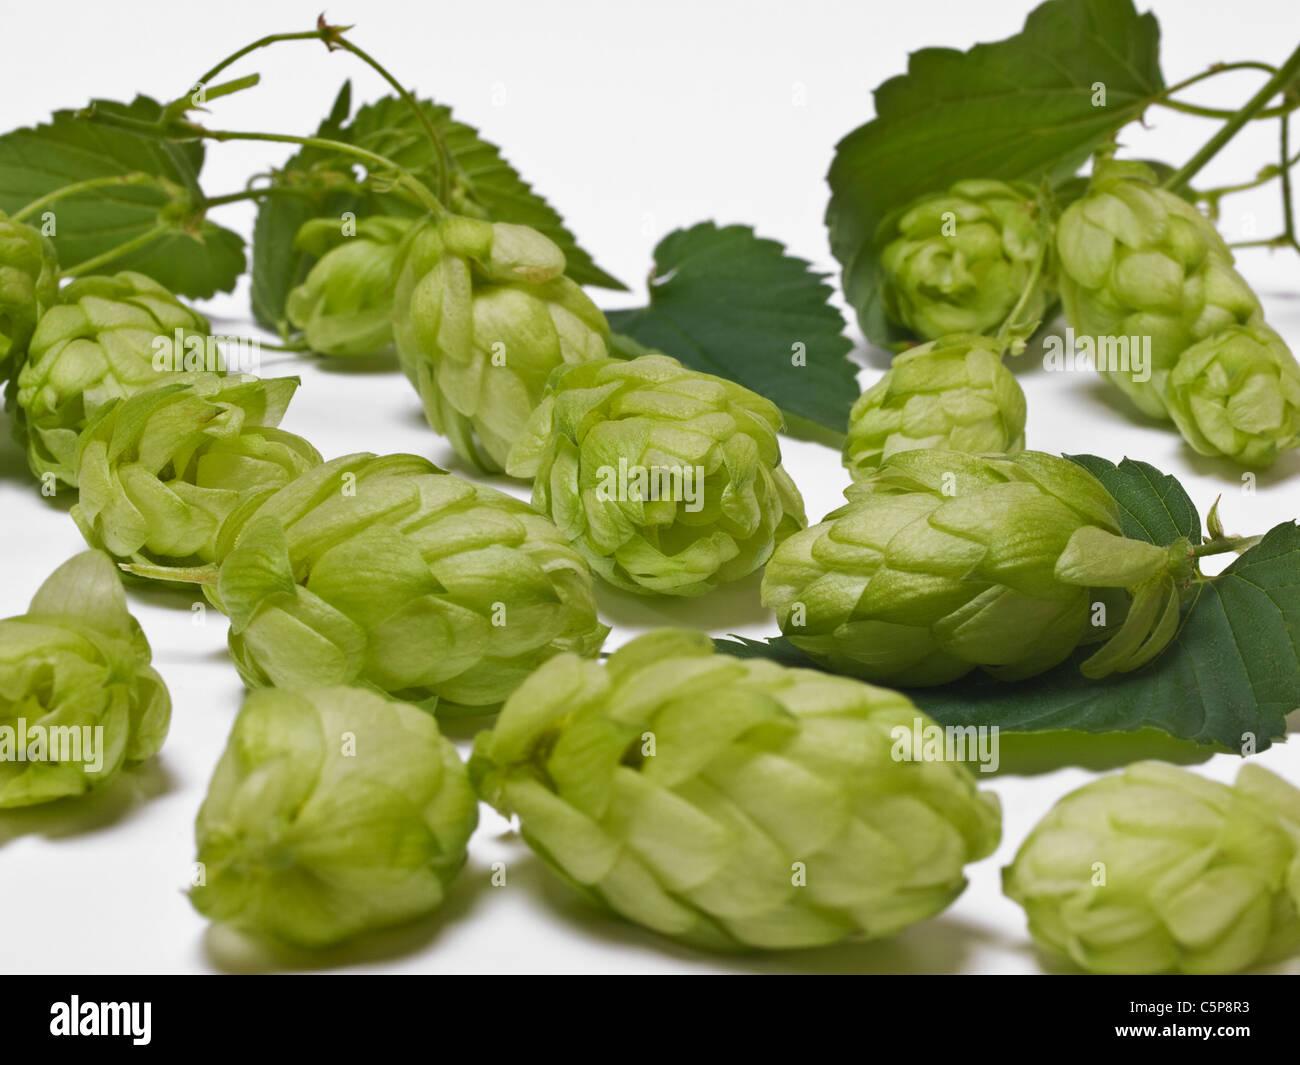 Detailansicht Einer Hopfenpflanze | Detail-Foto von einer Hopfenpflanze Stockbild